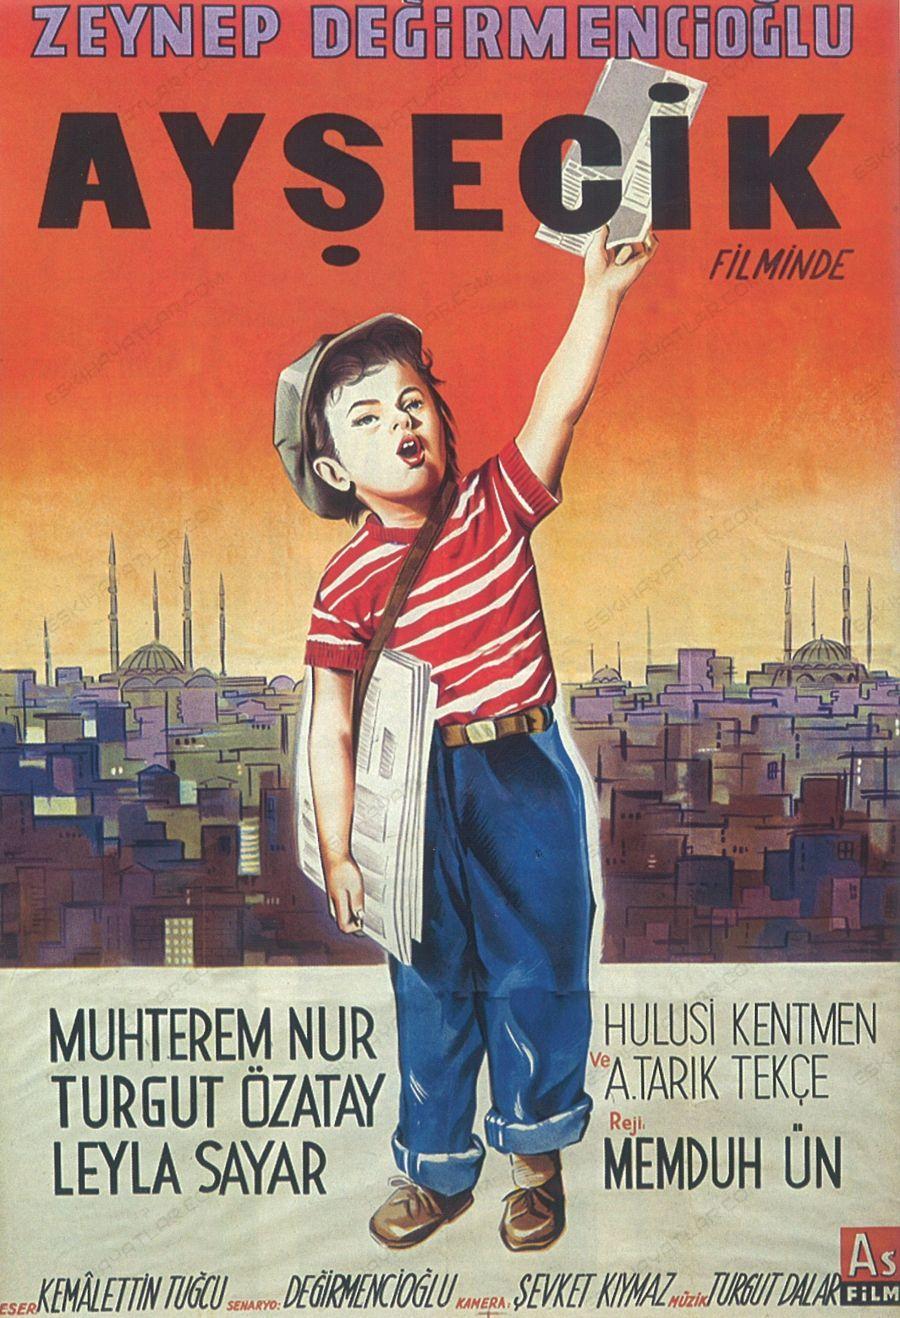 0219-aysecik-zeynep-degirmencioglu-film-afisi-1959-muhterem-nur-hulusi-kentmen-turgut-ozatay-leyla-sayar